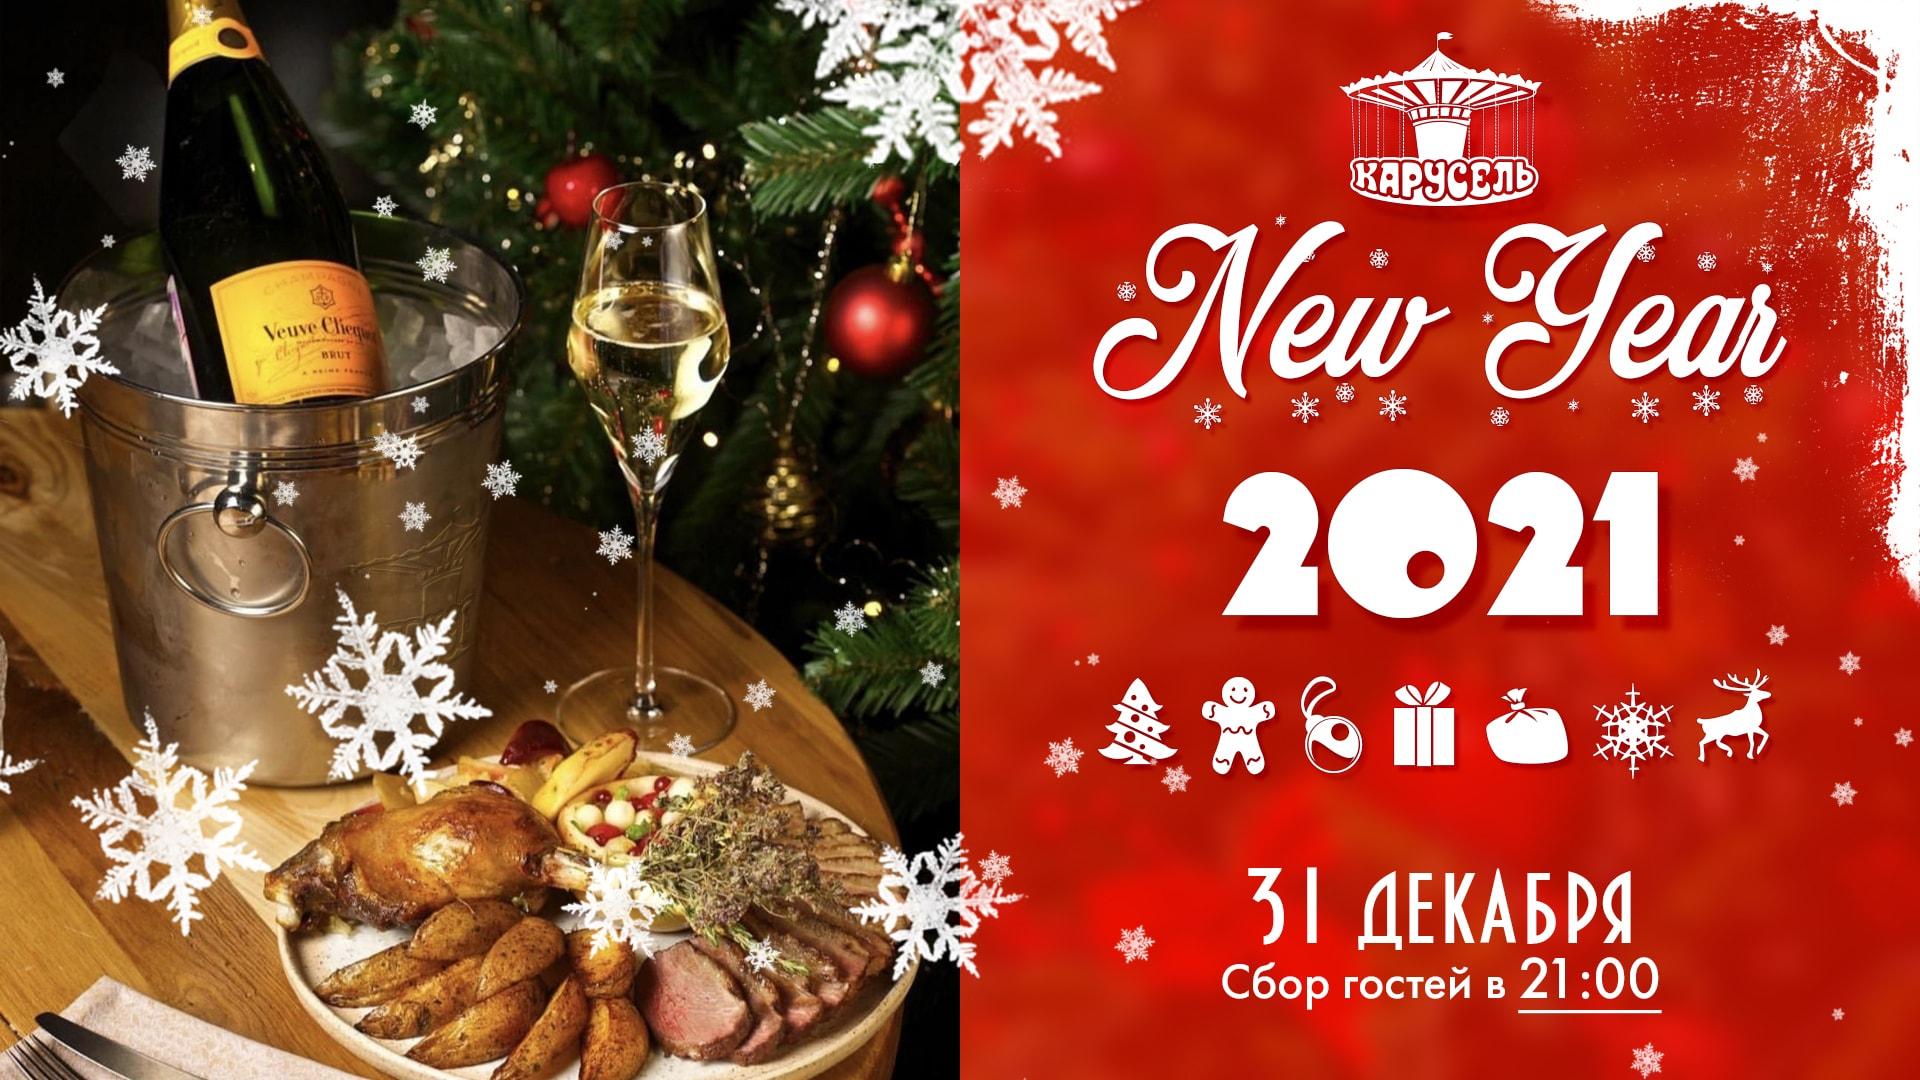 новый год 2021 в днепр в кафе ресторане карусель